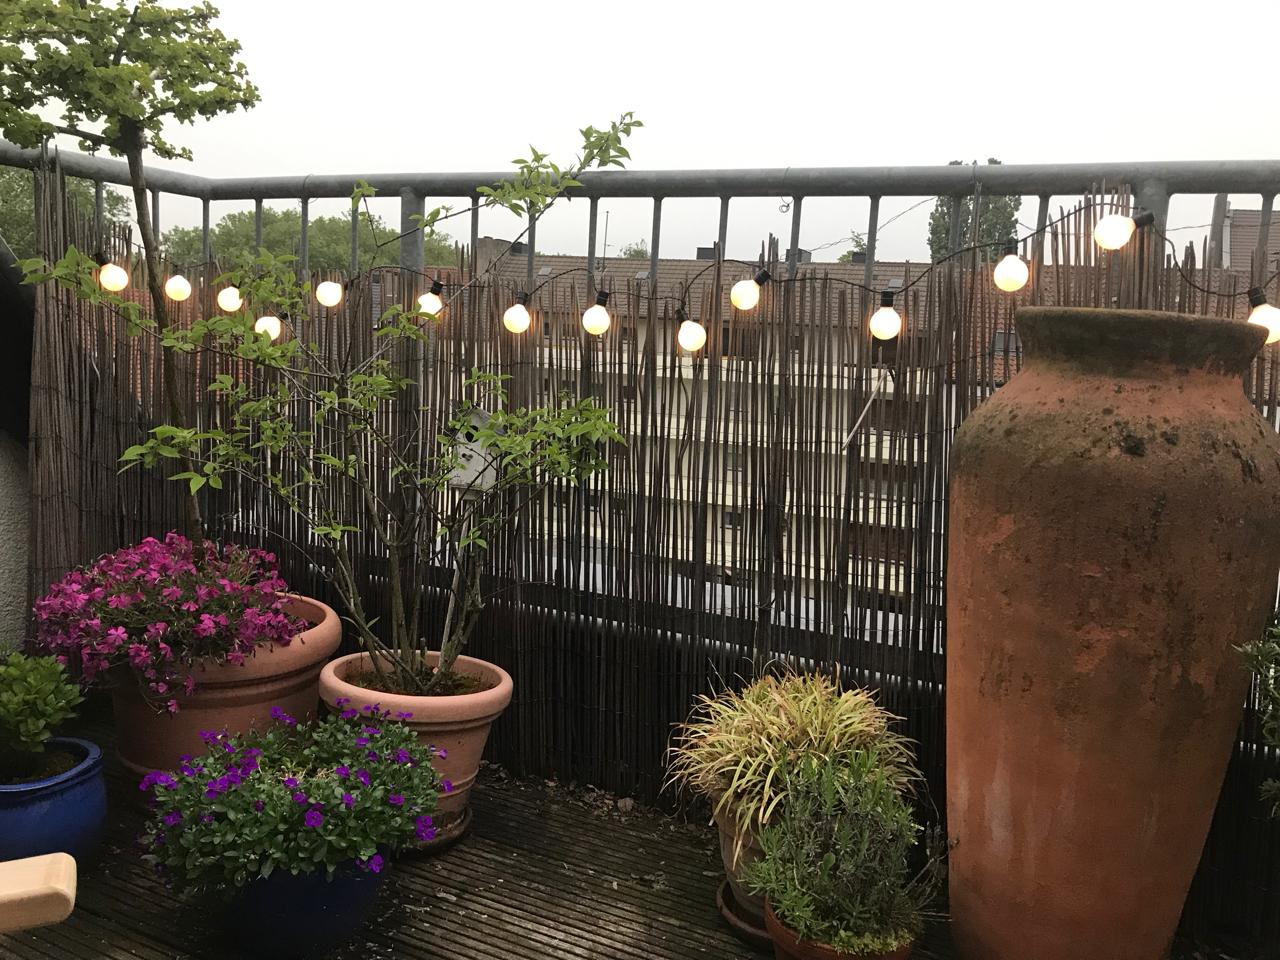 Lichterkette auf der Terrasse